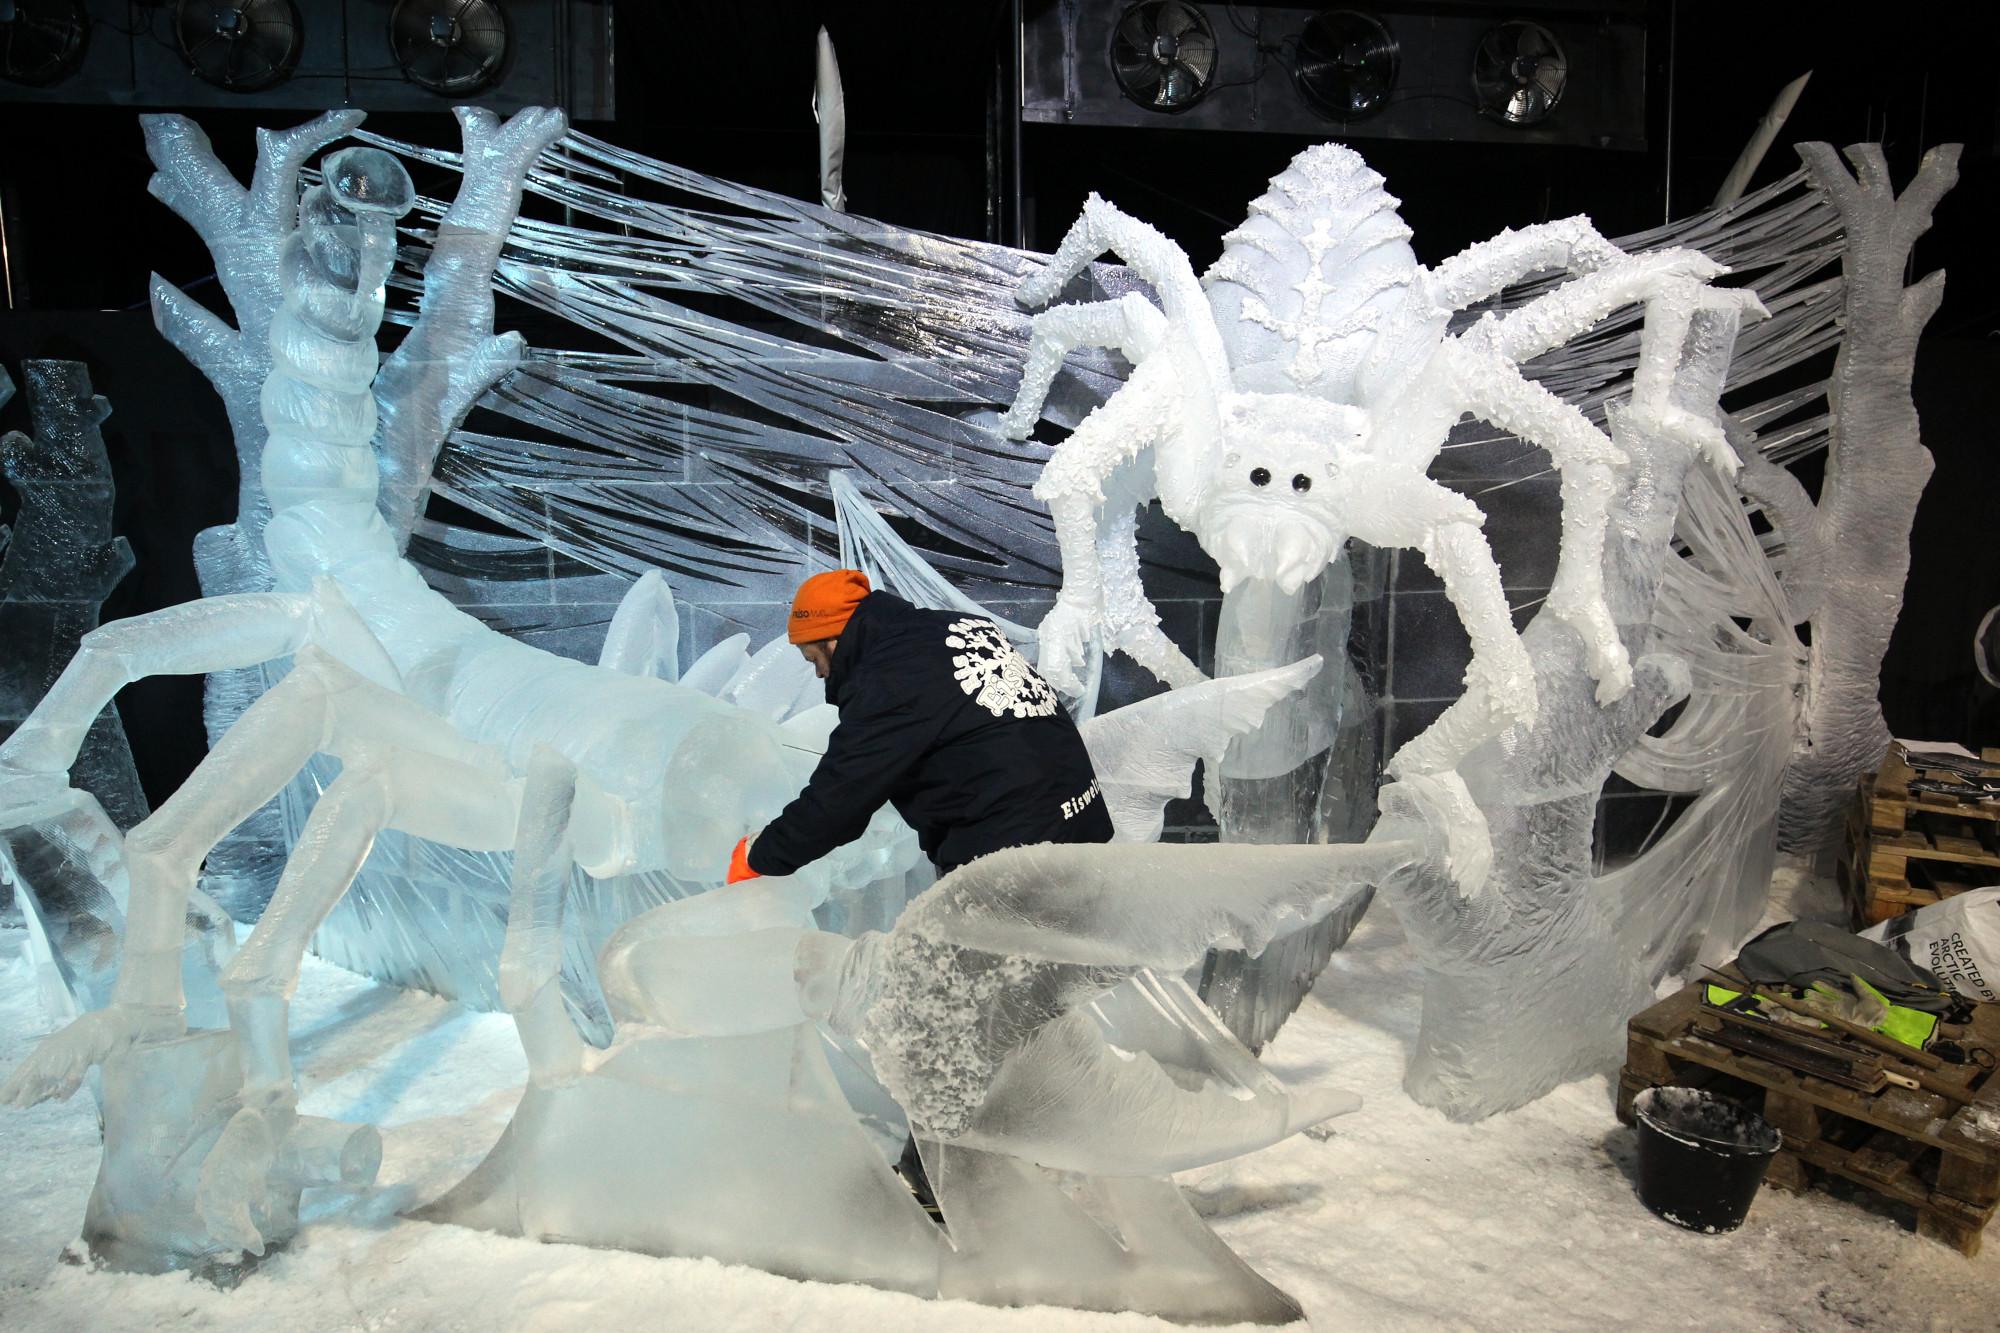 ледяные скульптуры скорпионы пауки членистоногие